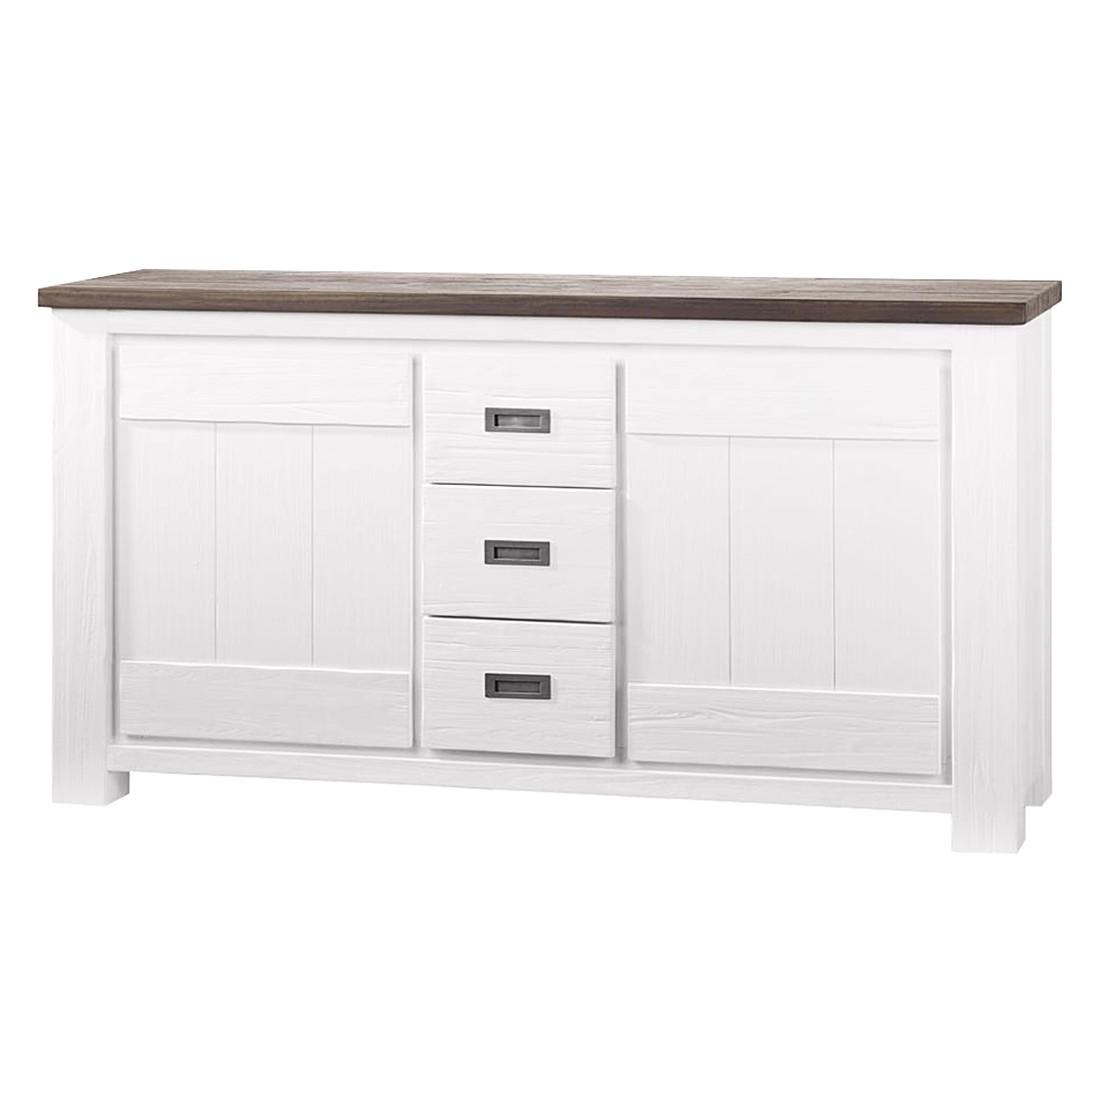 marcapiuma 85 x 190 h 20 prezzi e offerte sottocosto. Black Bedroom Furniture Sets. Home Design Ideas